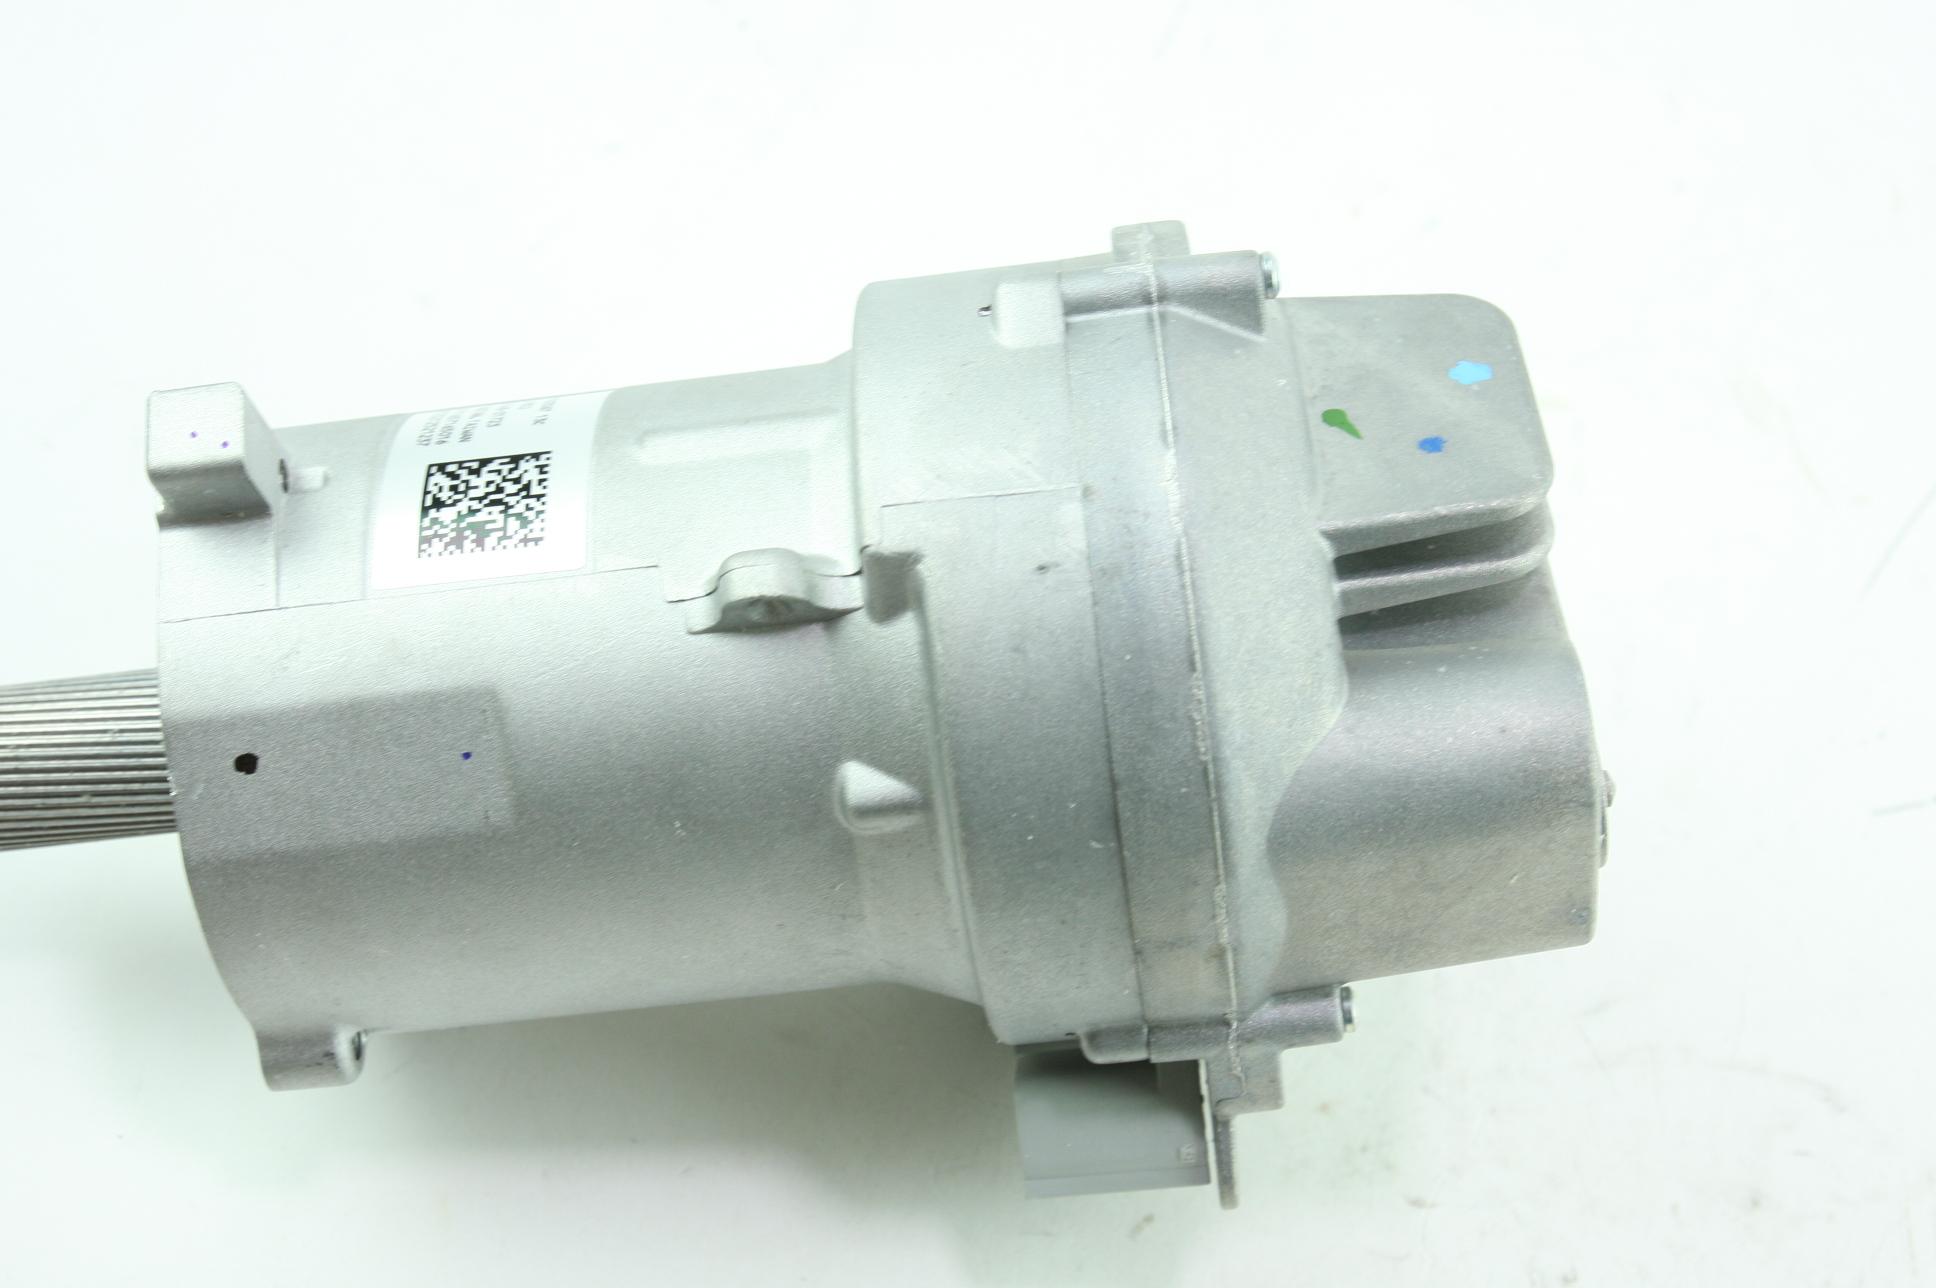 New OEM 23479299 Genuine GM Steering Gear Electric Power Steering Motor NIP - image 8